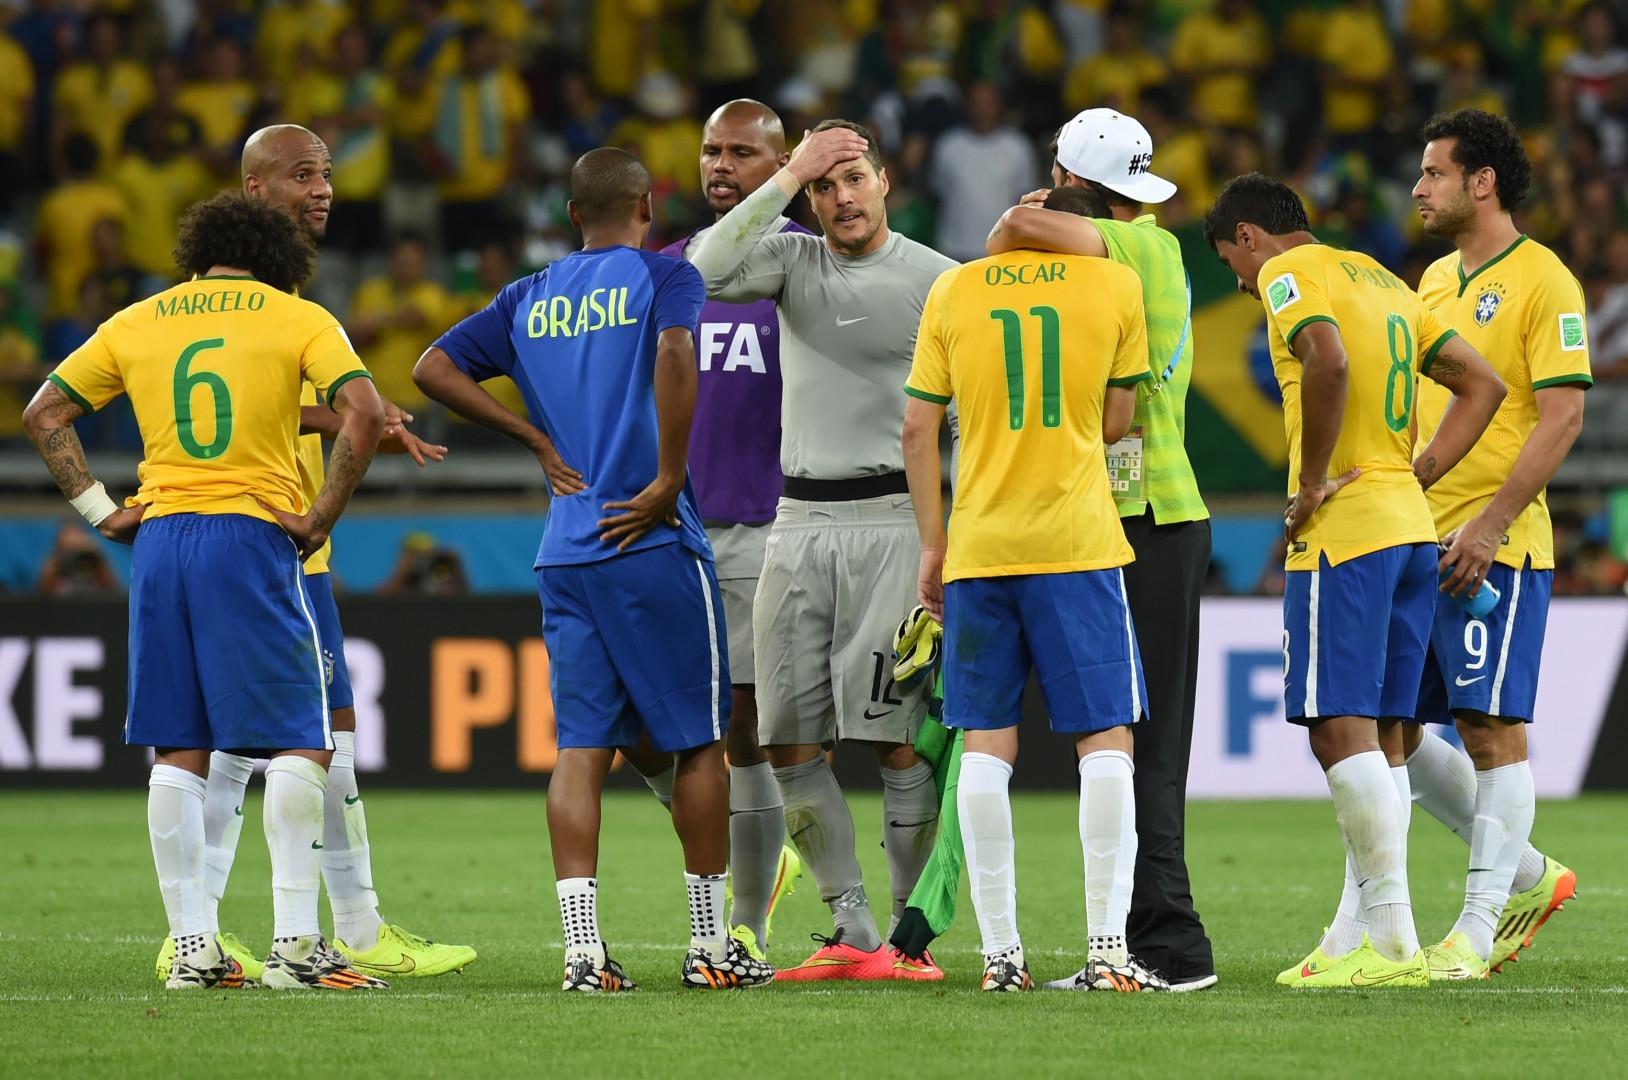 Les Brésiliens se sont réunis dans le rond central à l'issue d'une rencontre qu'ils ne sont pas près d'oublier